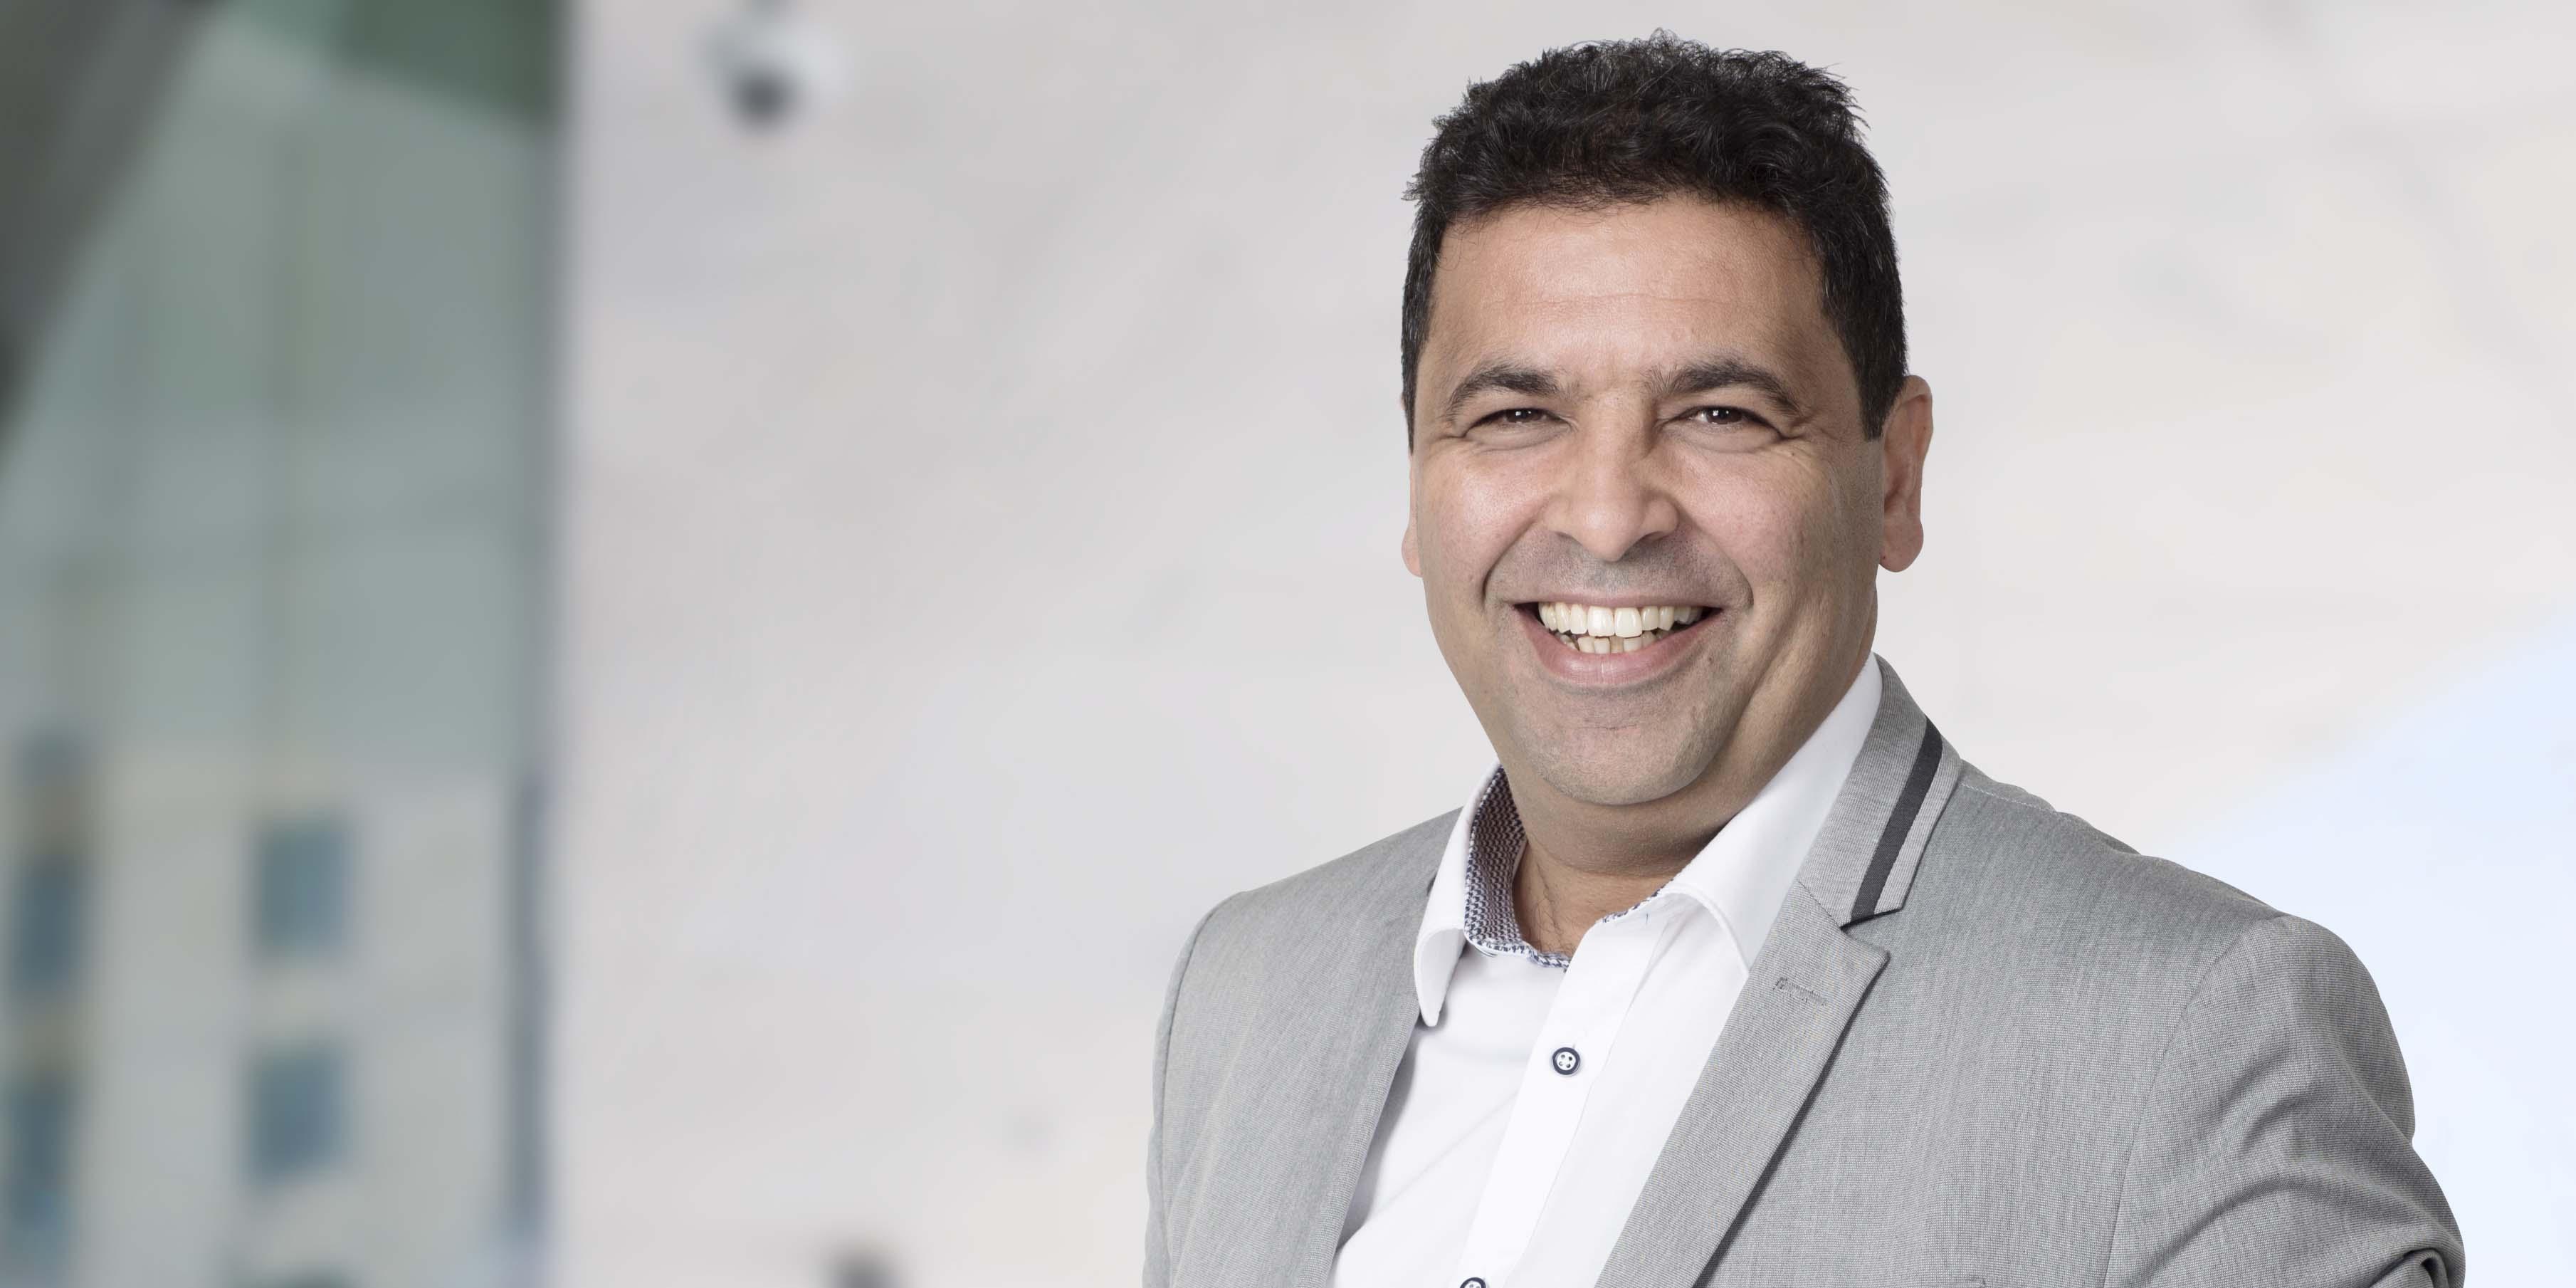 """""""Du måste involvera folk, hitta samarbeten och förbereda organisationen mentalt"""", säger Securitas innovationschef Yacir Chelbat Persson och listar förutsättningarna för att lyckas som innovationsledare."""